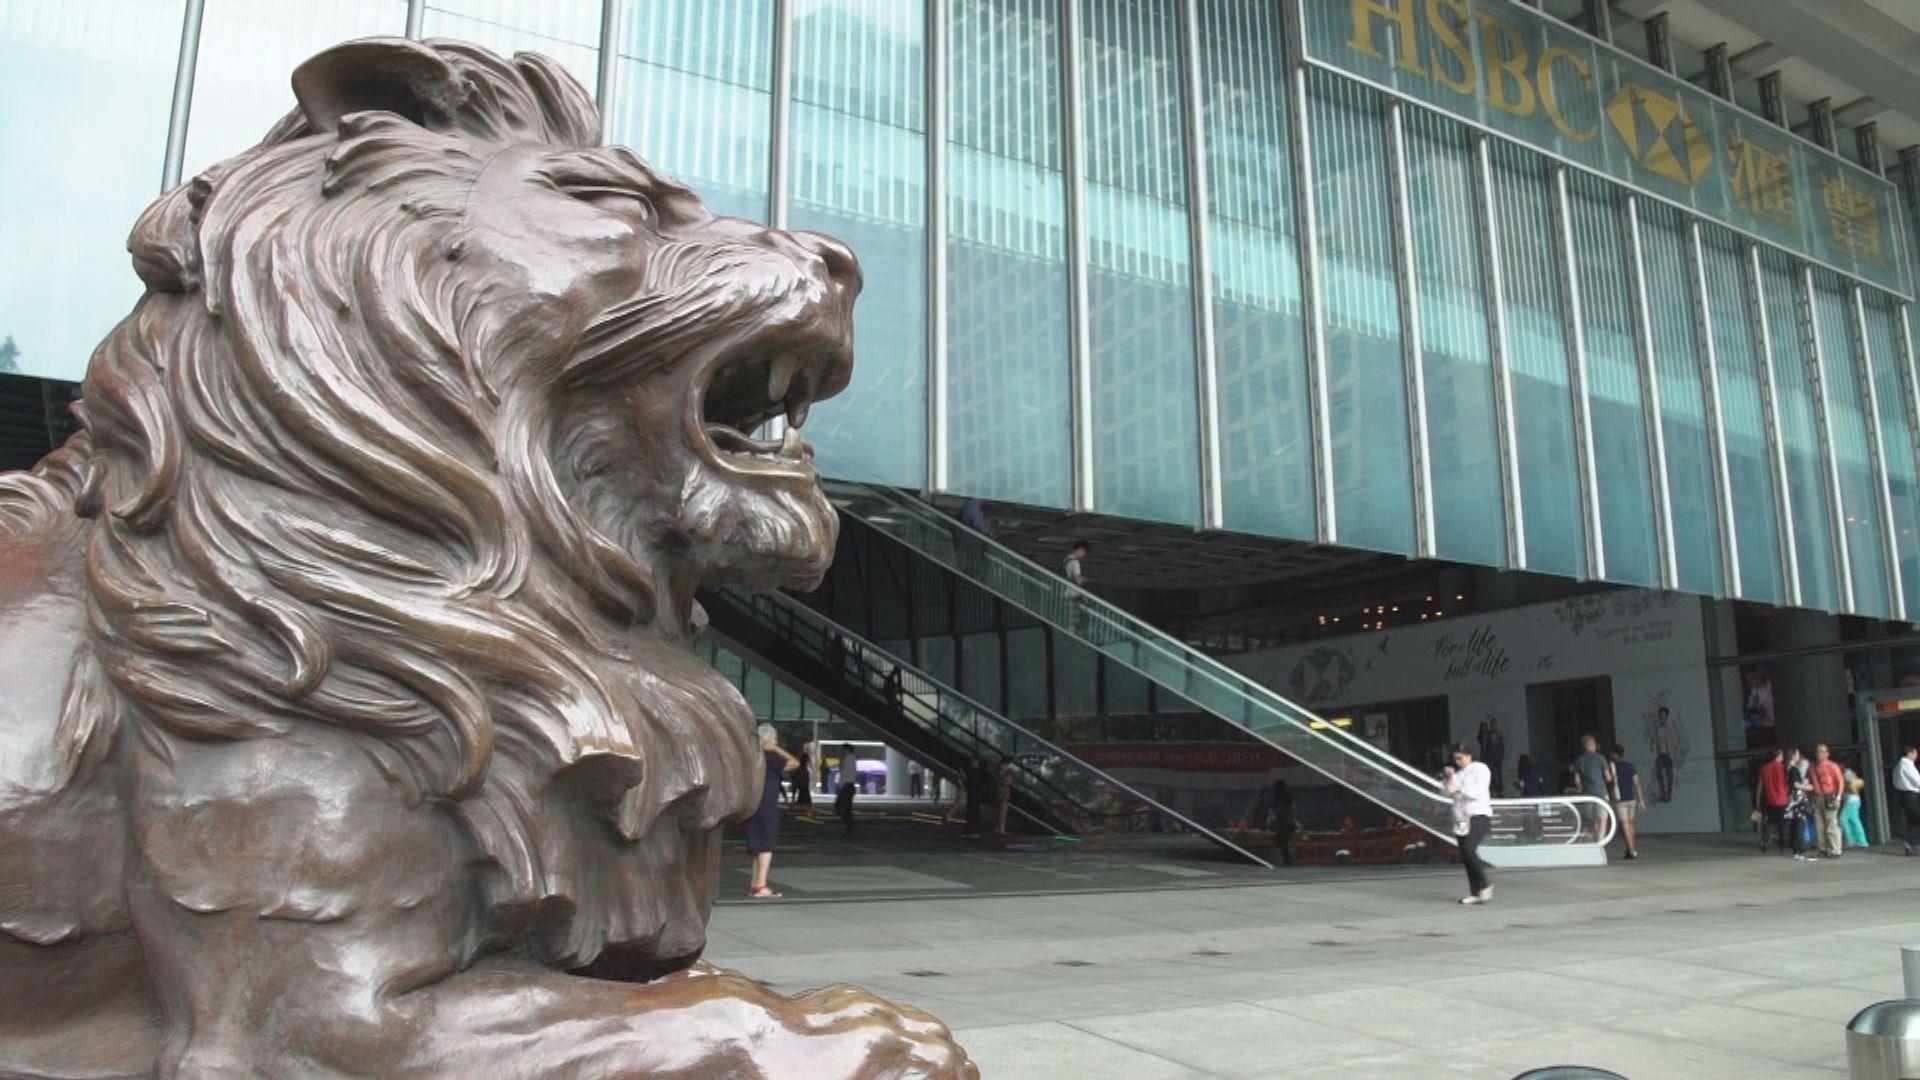 滙豐王冬勝:不應鼓勵和容忍任何暴力行為